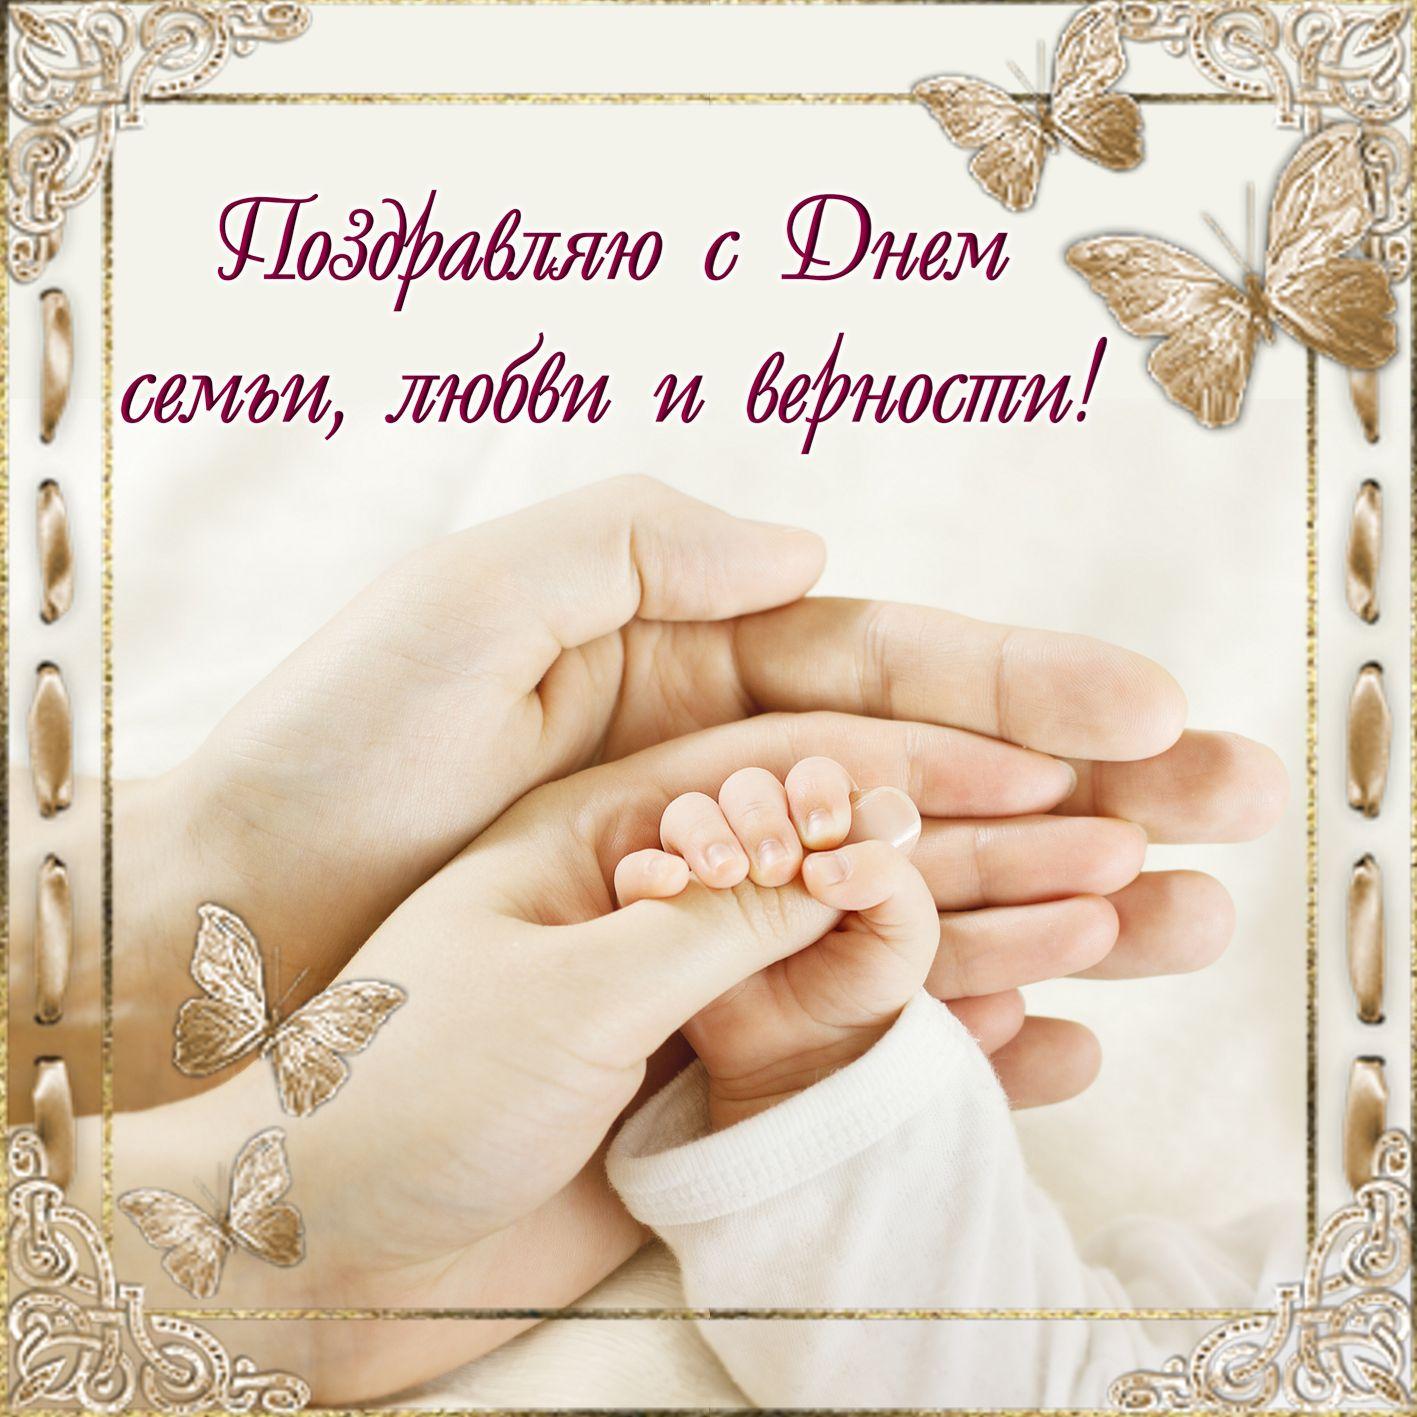 Открытка на день семьи любви и верности